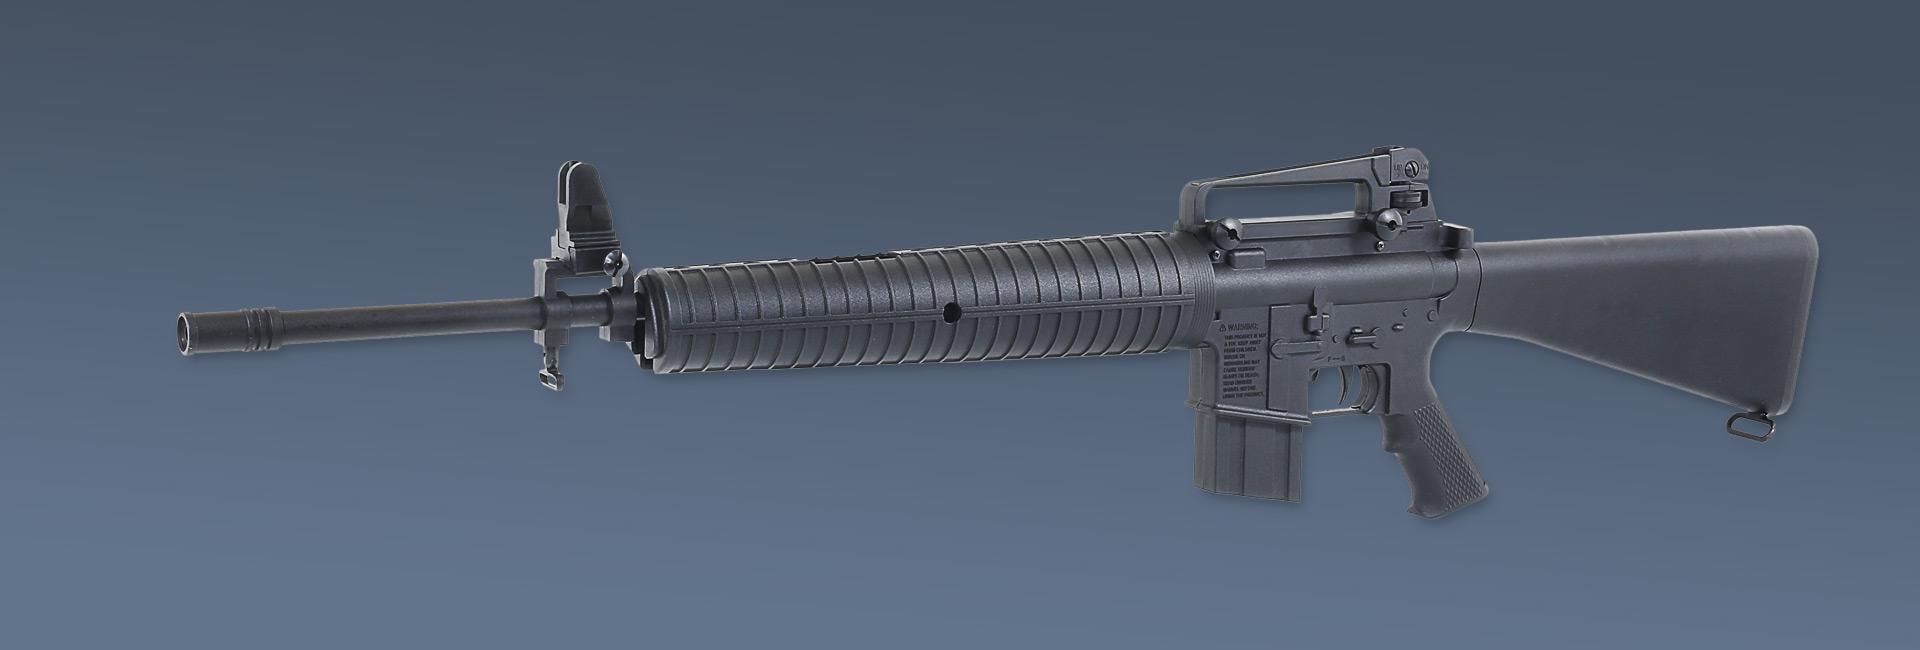 EKOL M450 Luftgewehr